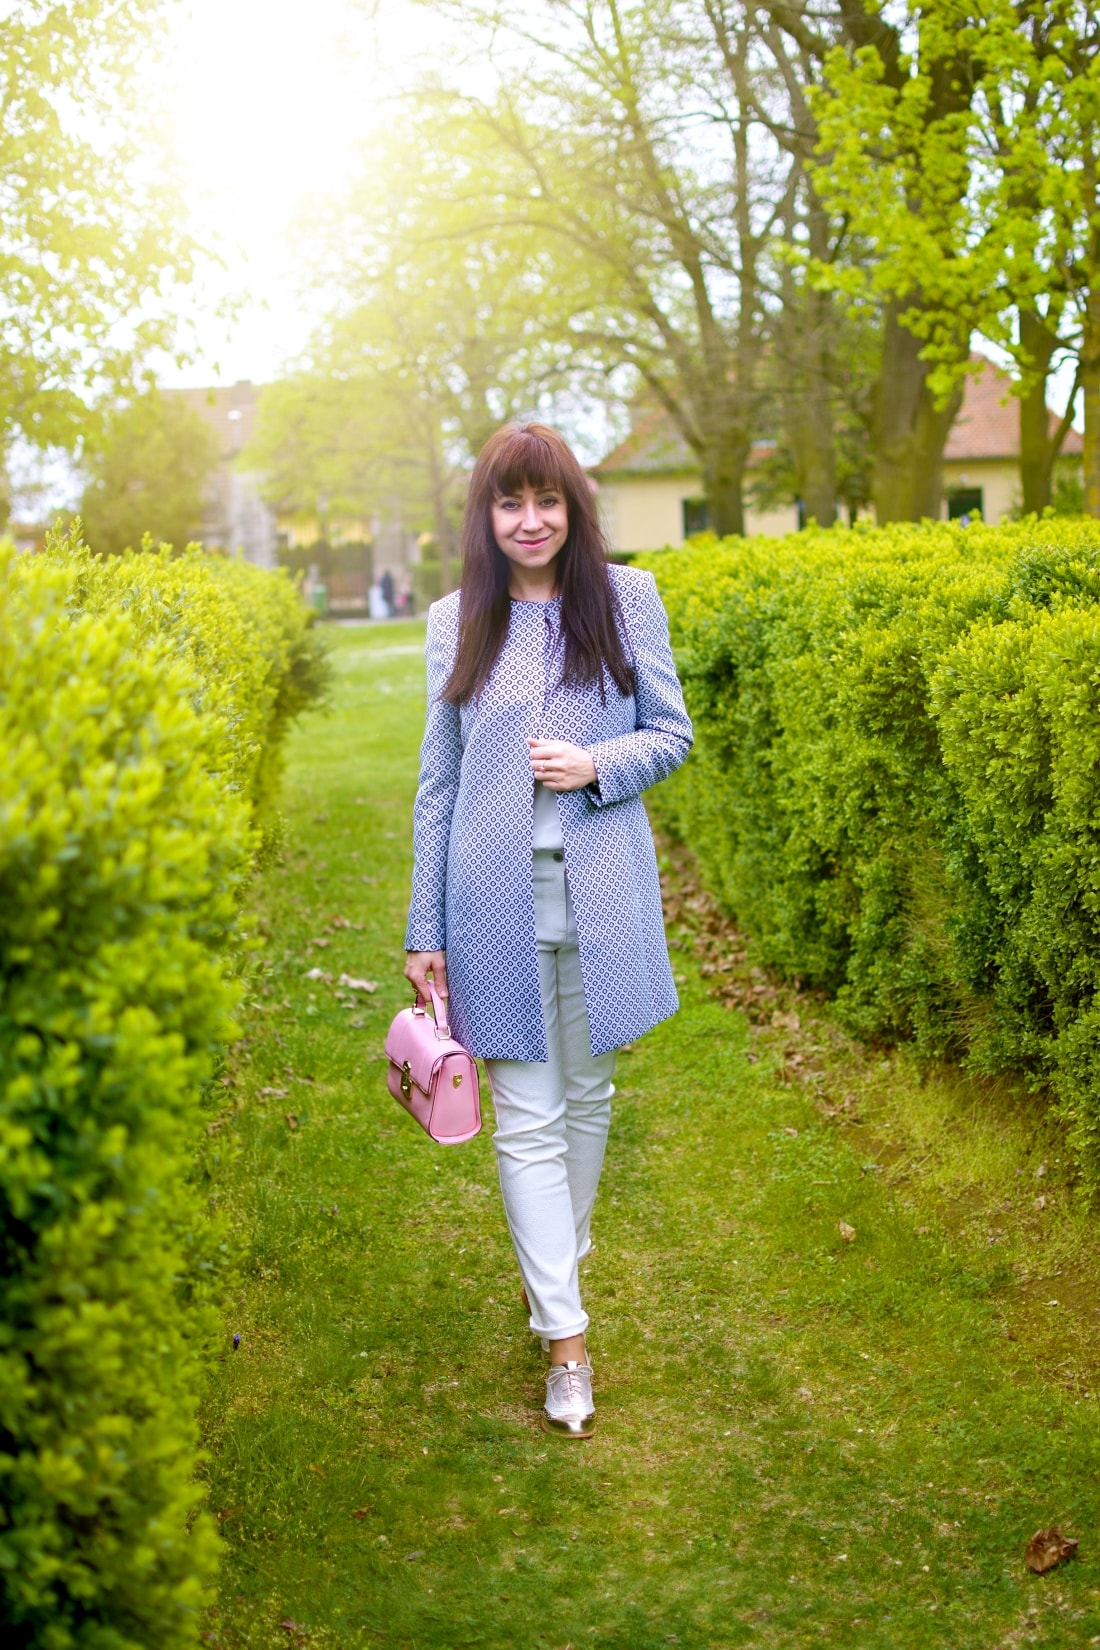 katharine-fashion-is-beautiful-blog-bledomodry-kabat-2-blogger